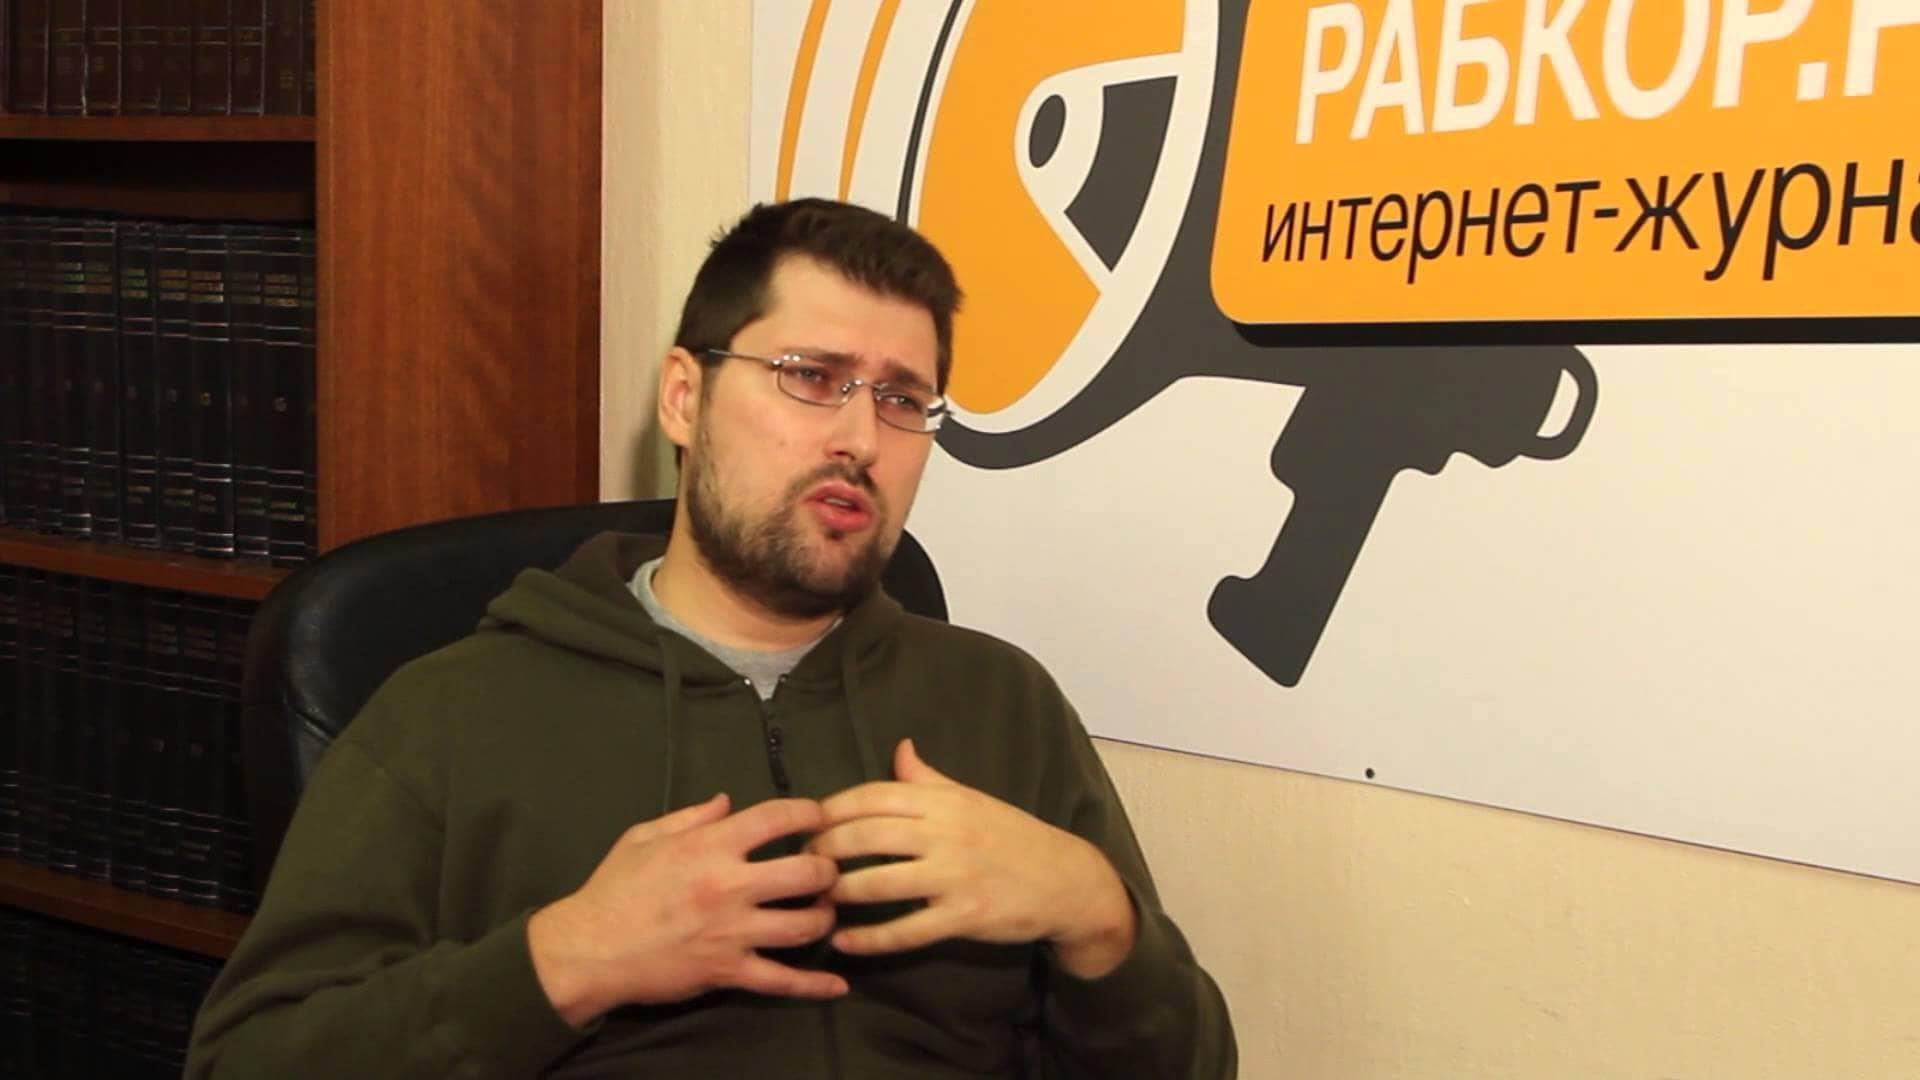 El economista Vitali Koltashov